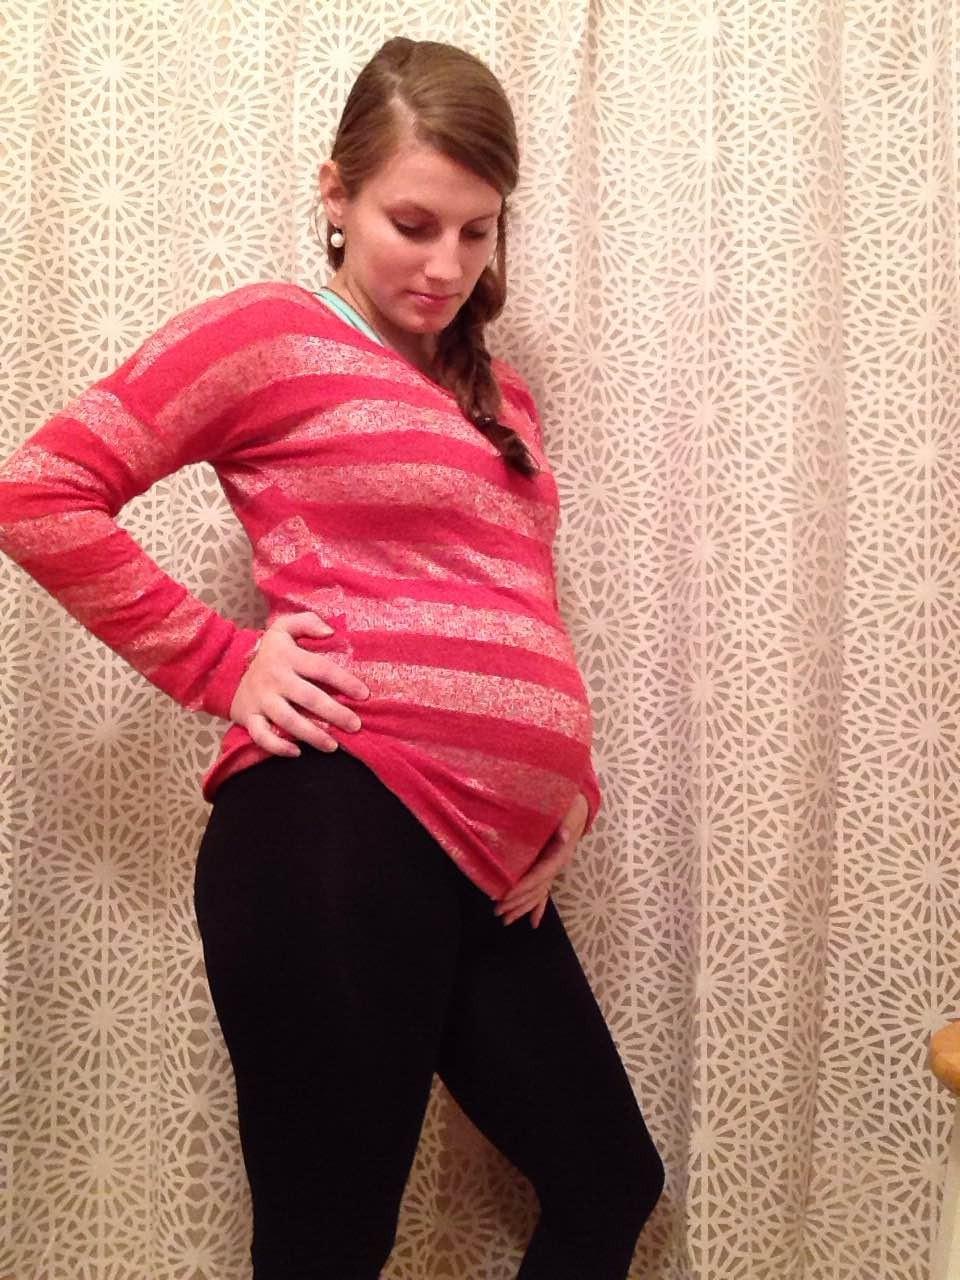 pregnancy week 25